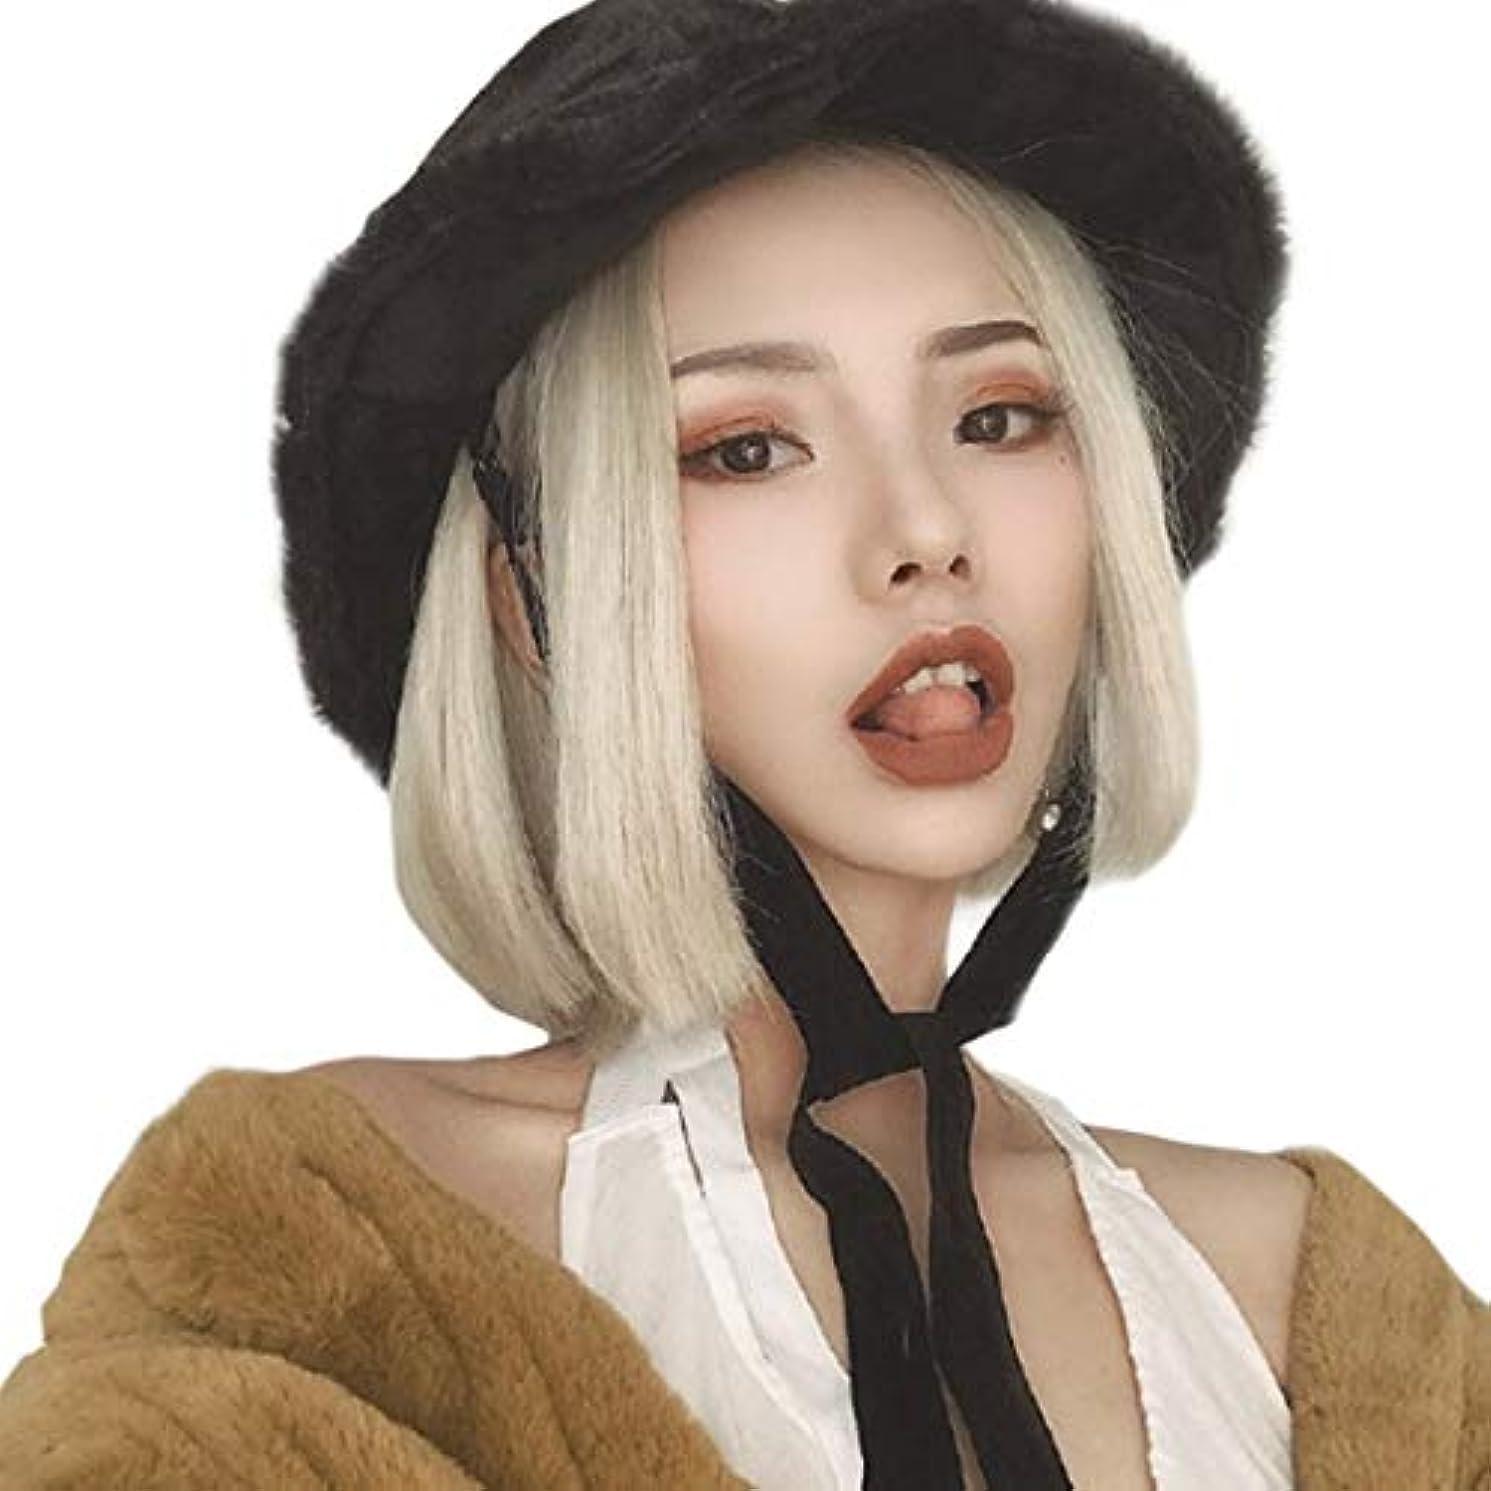 屋内で拡散する退化するKerwinner ボブウィッグベージュショートストレート人工毛フルウィッグナチュラルに見える耐熱性女性用